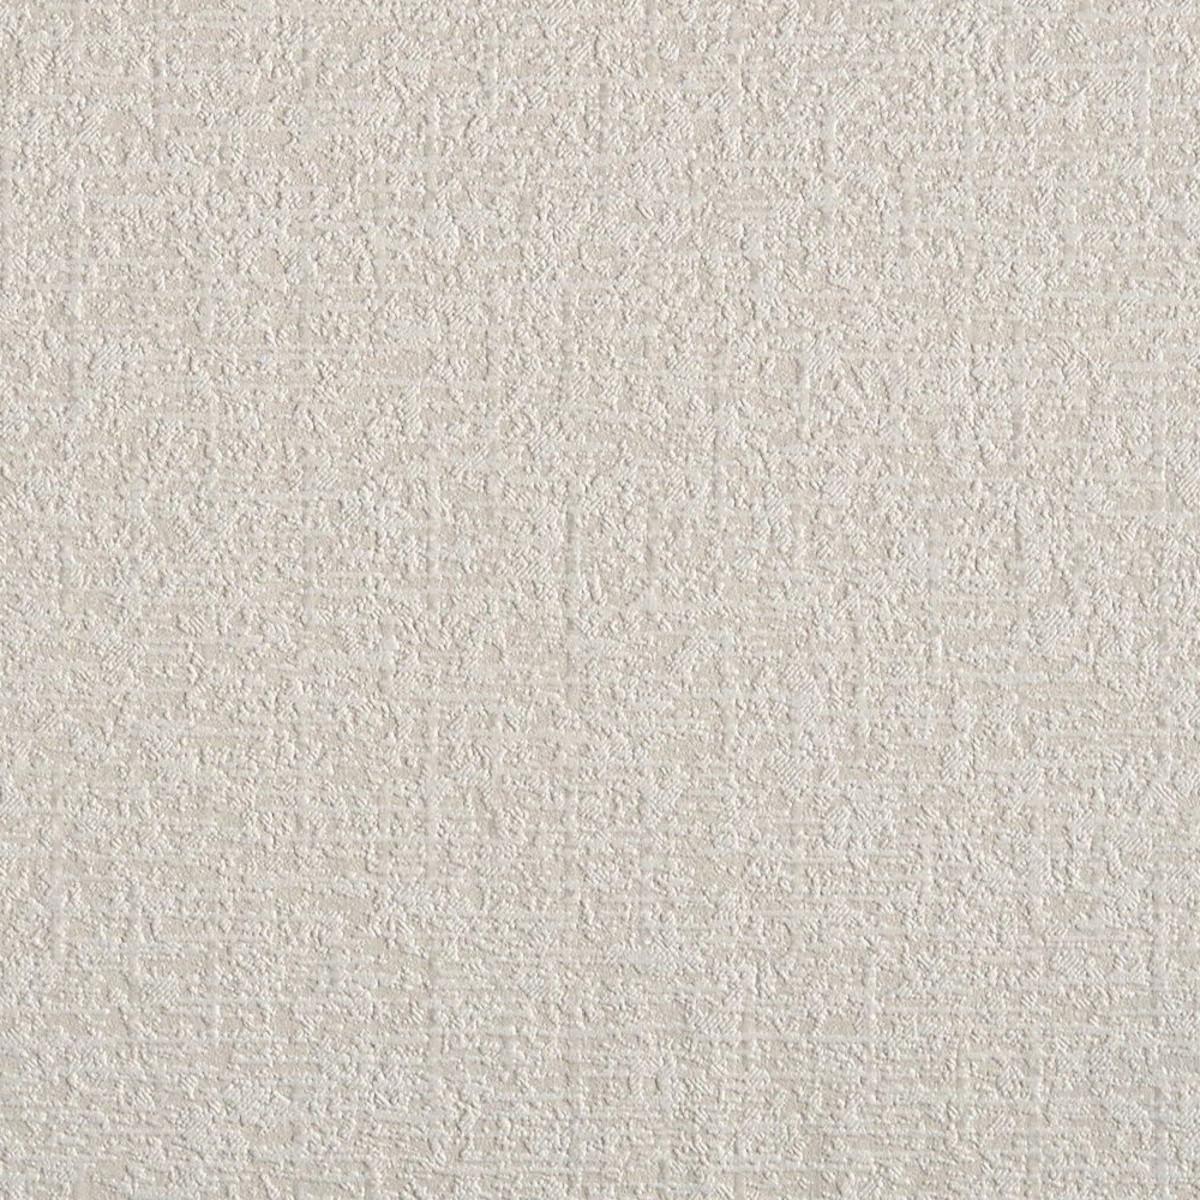 Обои флизелиновые Белвинил Эмили серые 1.06 м 0012-21